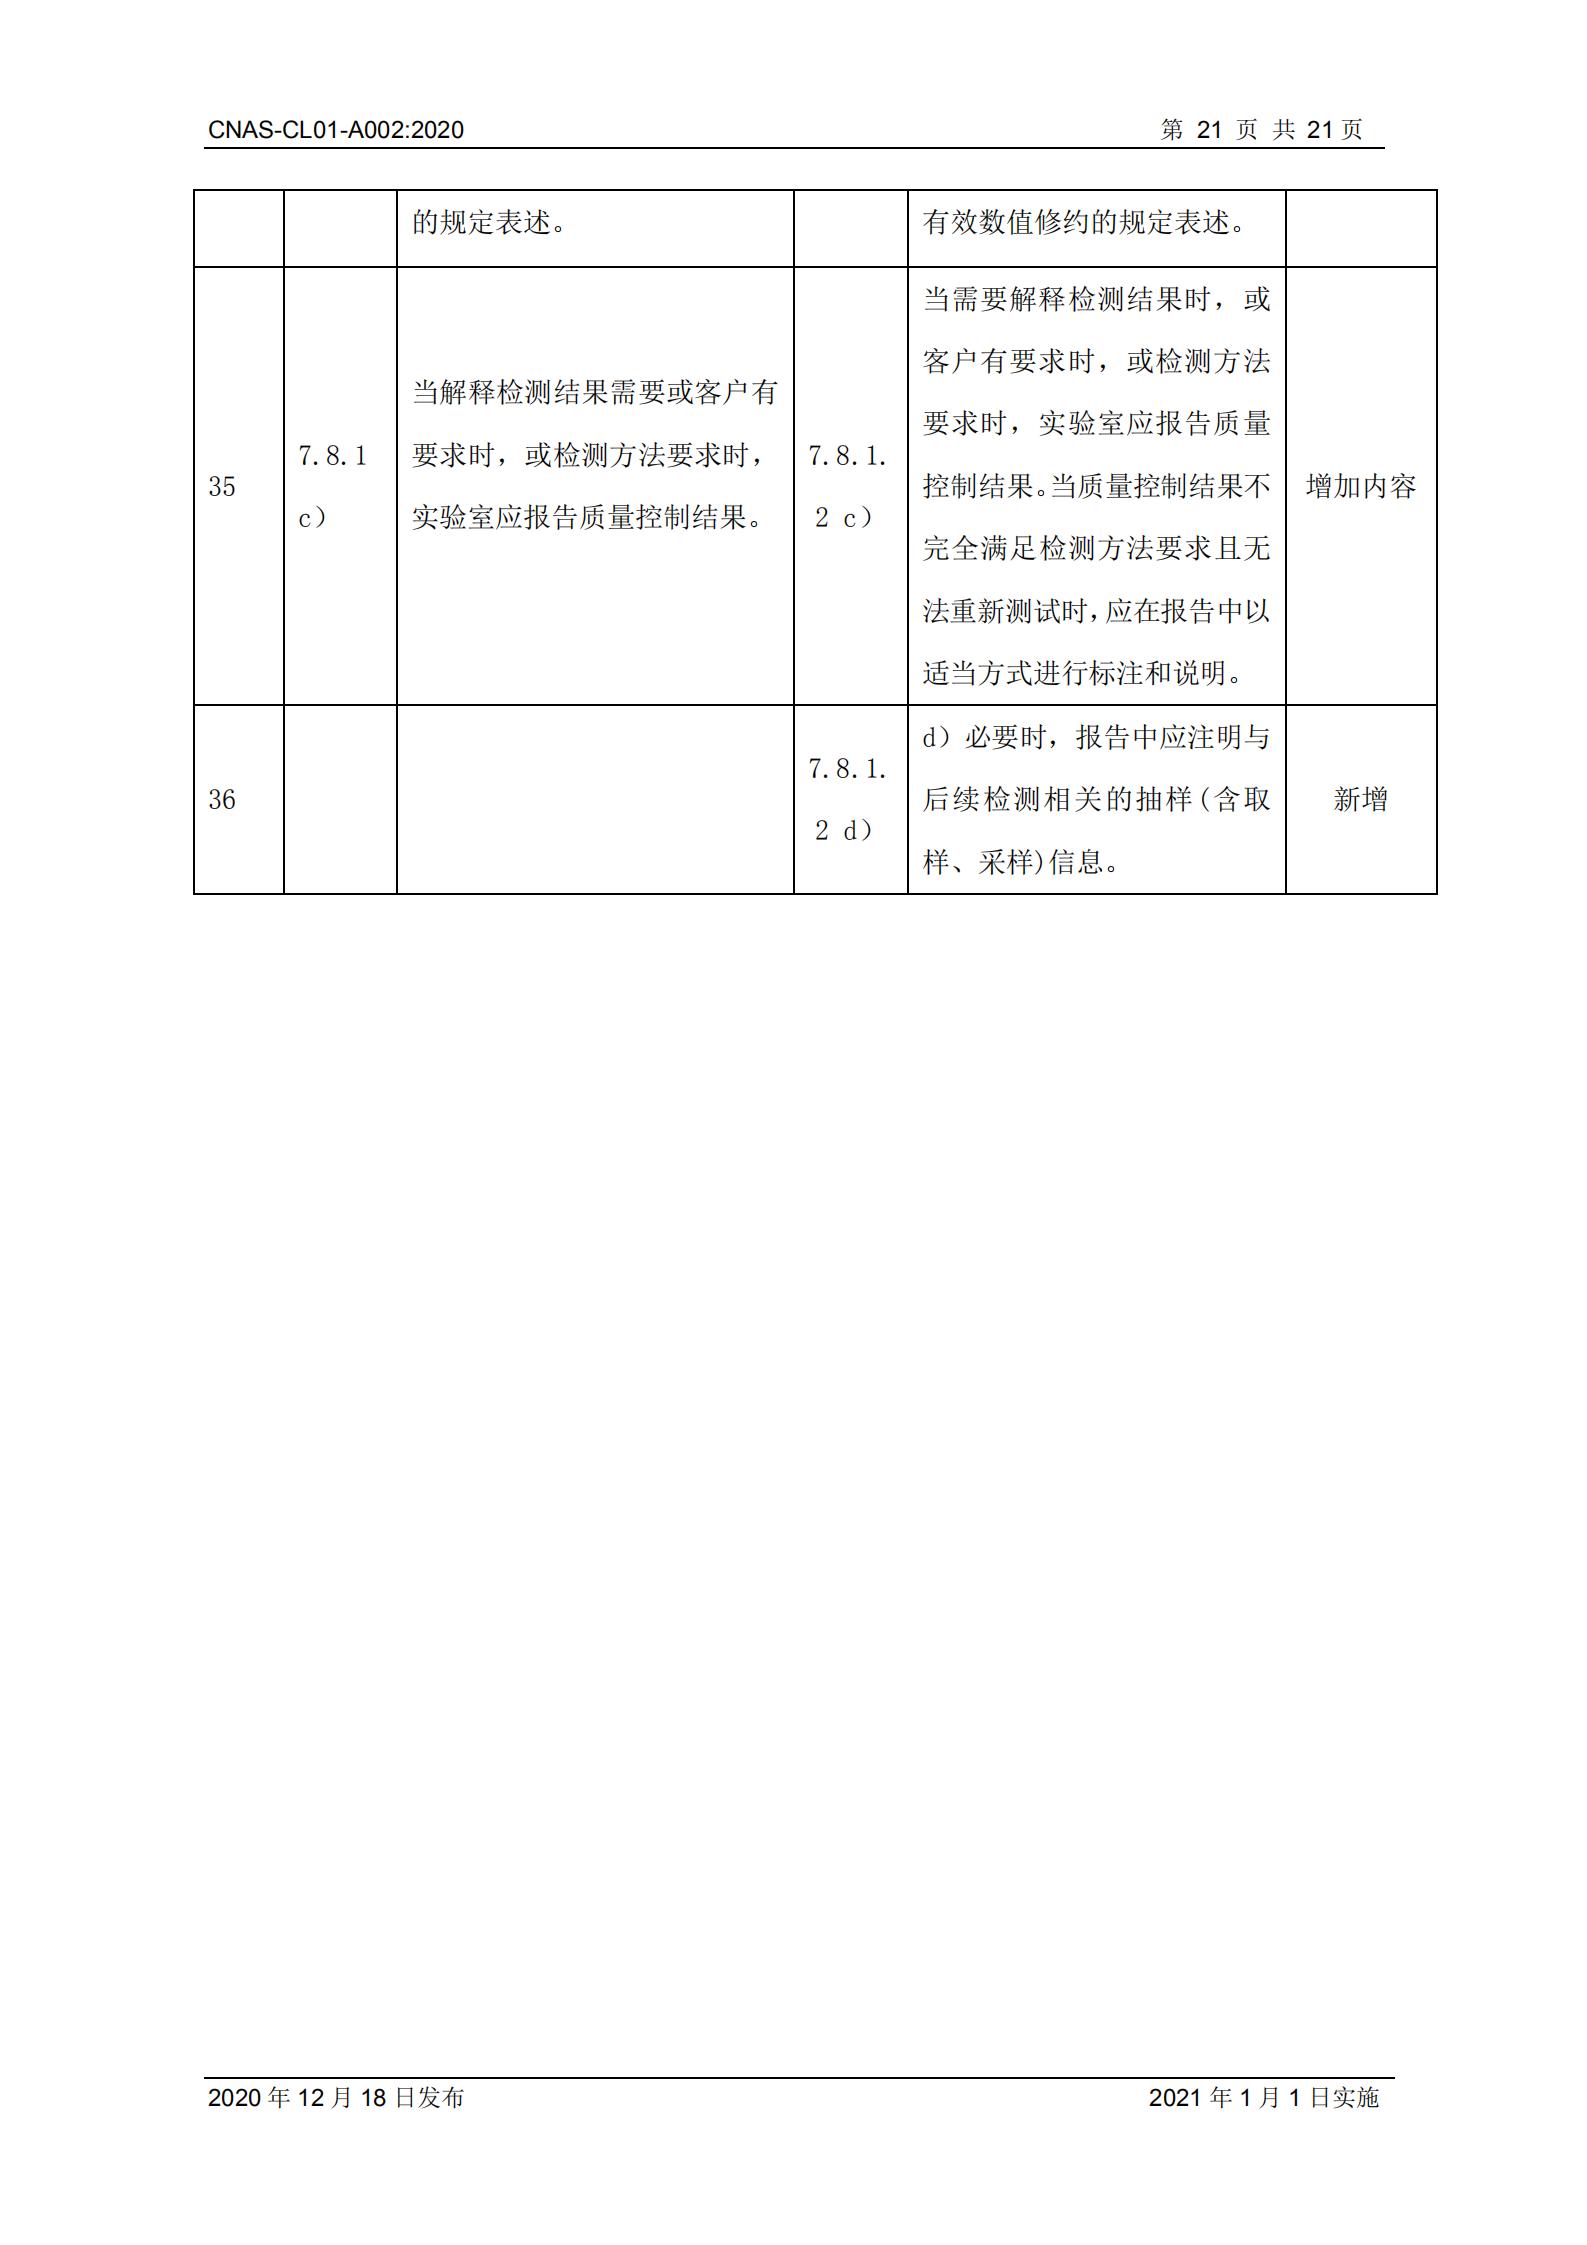 CNAS-CL01-A002_2020_21.png